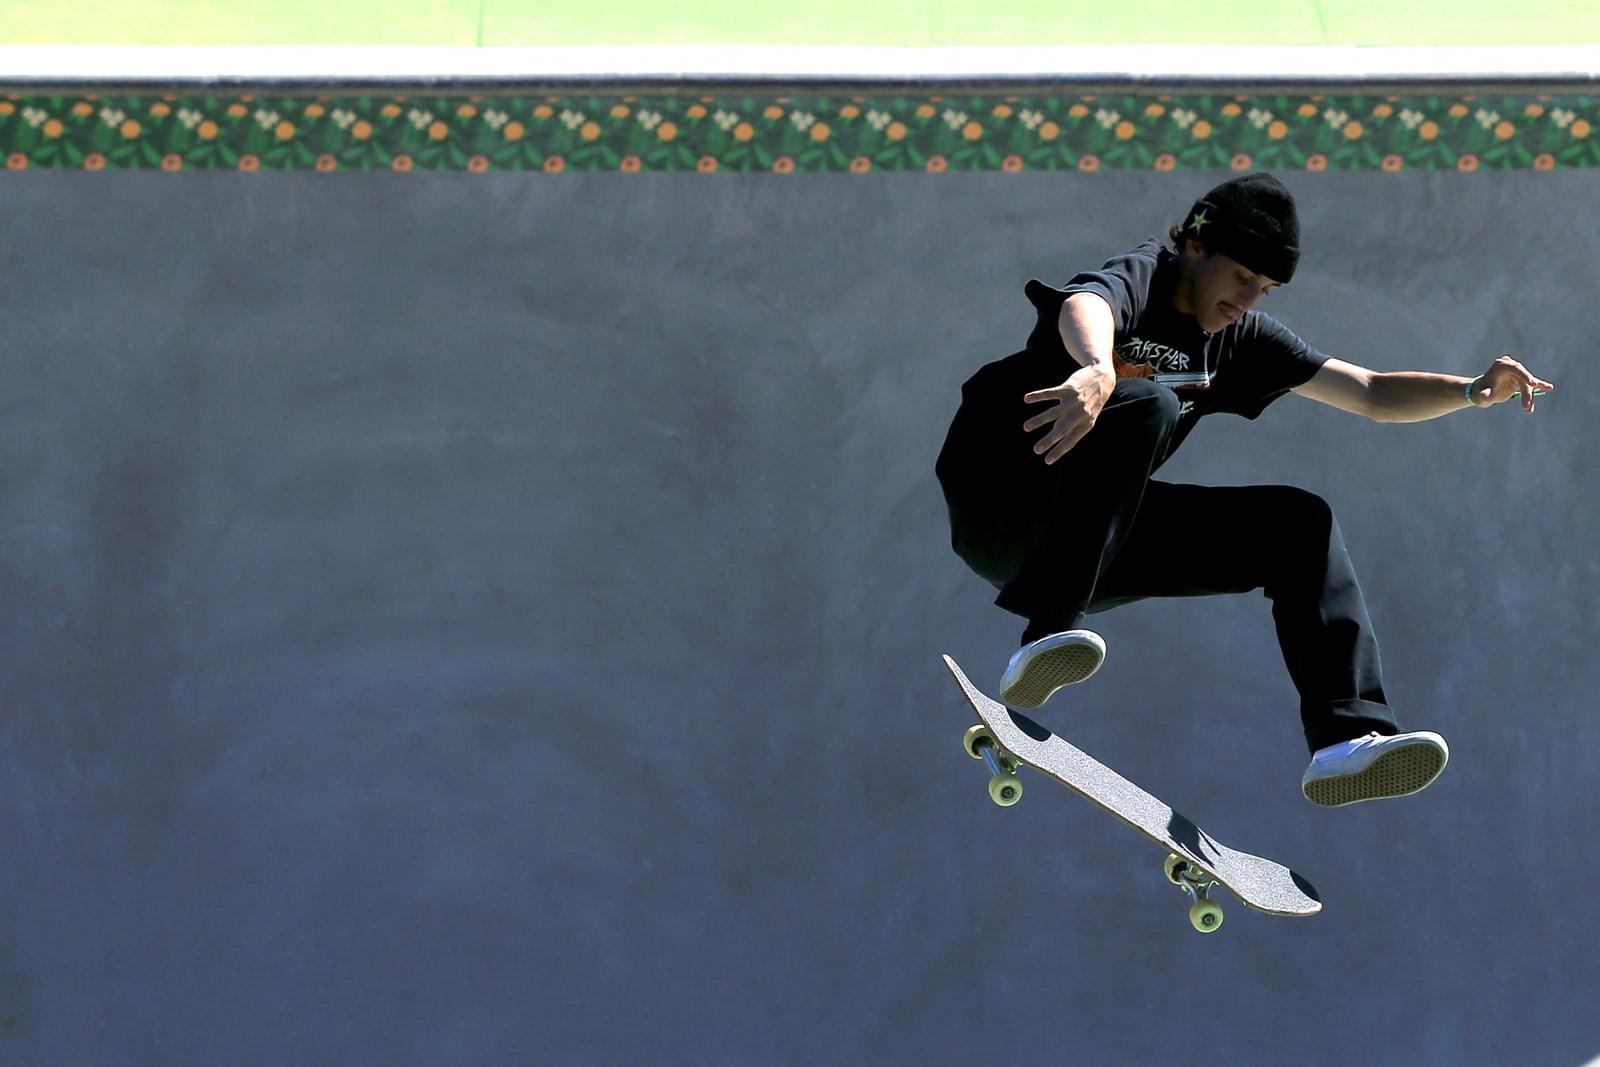 東京奧運滑板比賽場上,值得關注的 10 位街式賽及公園賽滑手